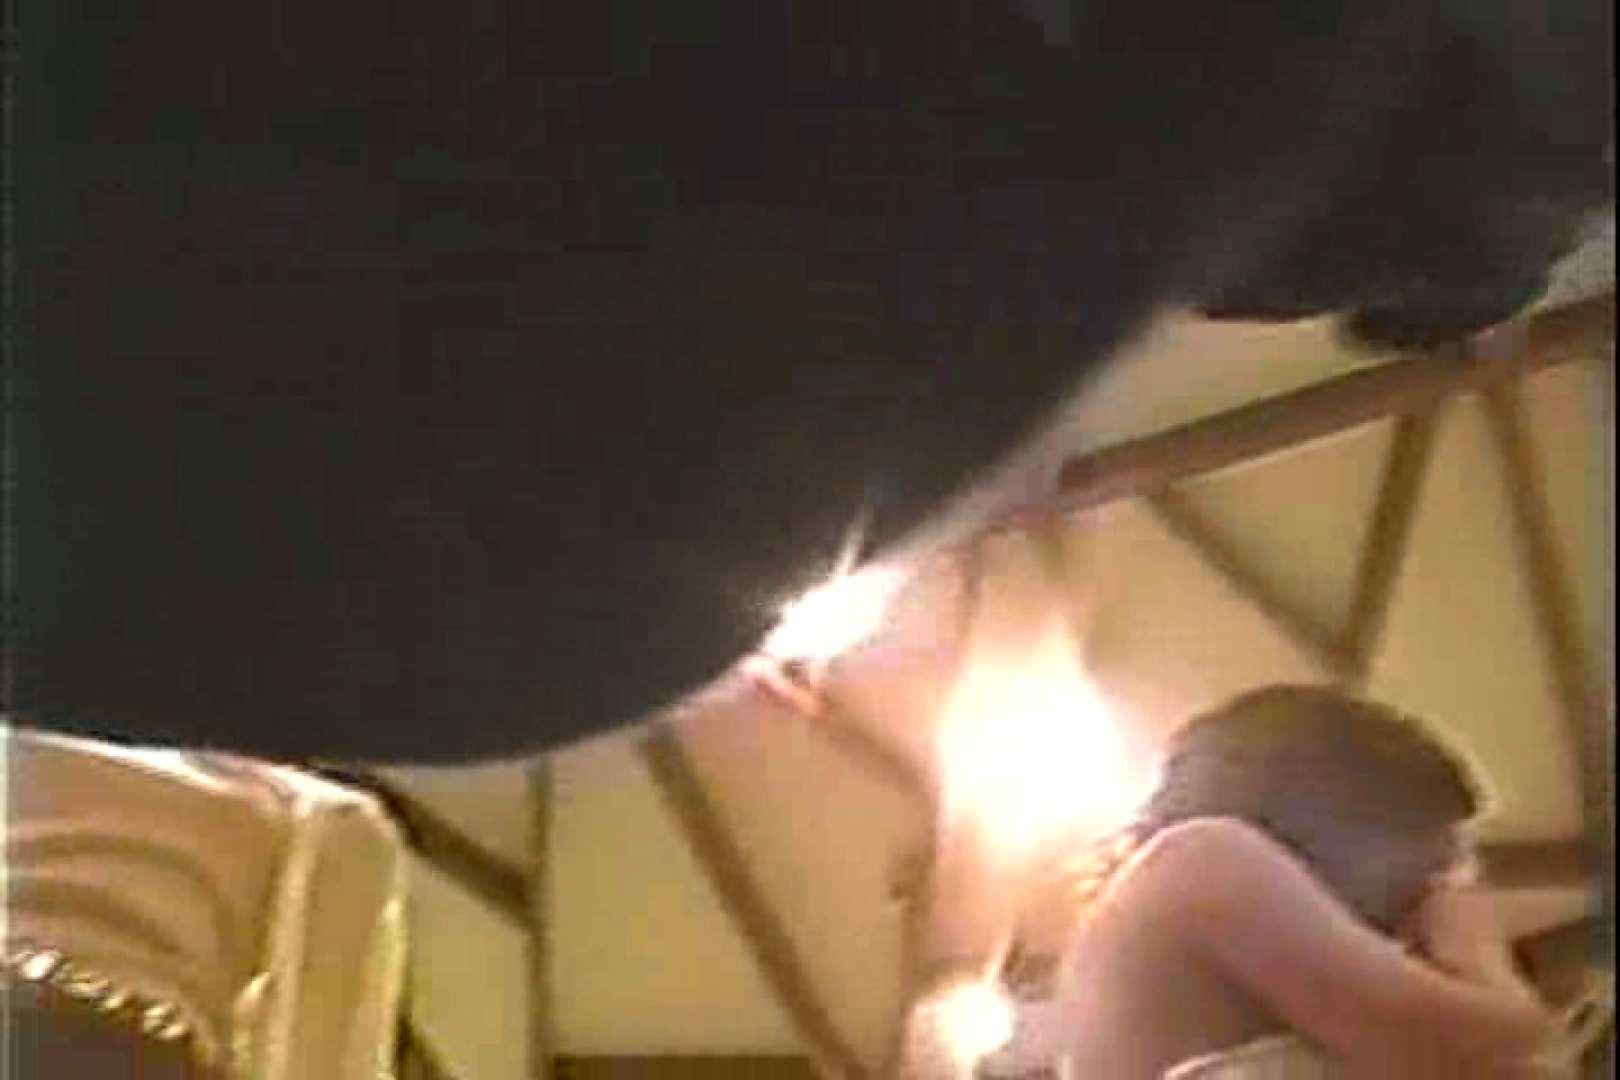 「ちくりん」さんのオリジナル未編集パンチラVol.6_01 美しいOLの裸体 AV無料動画キャプチャ 95pic 72